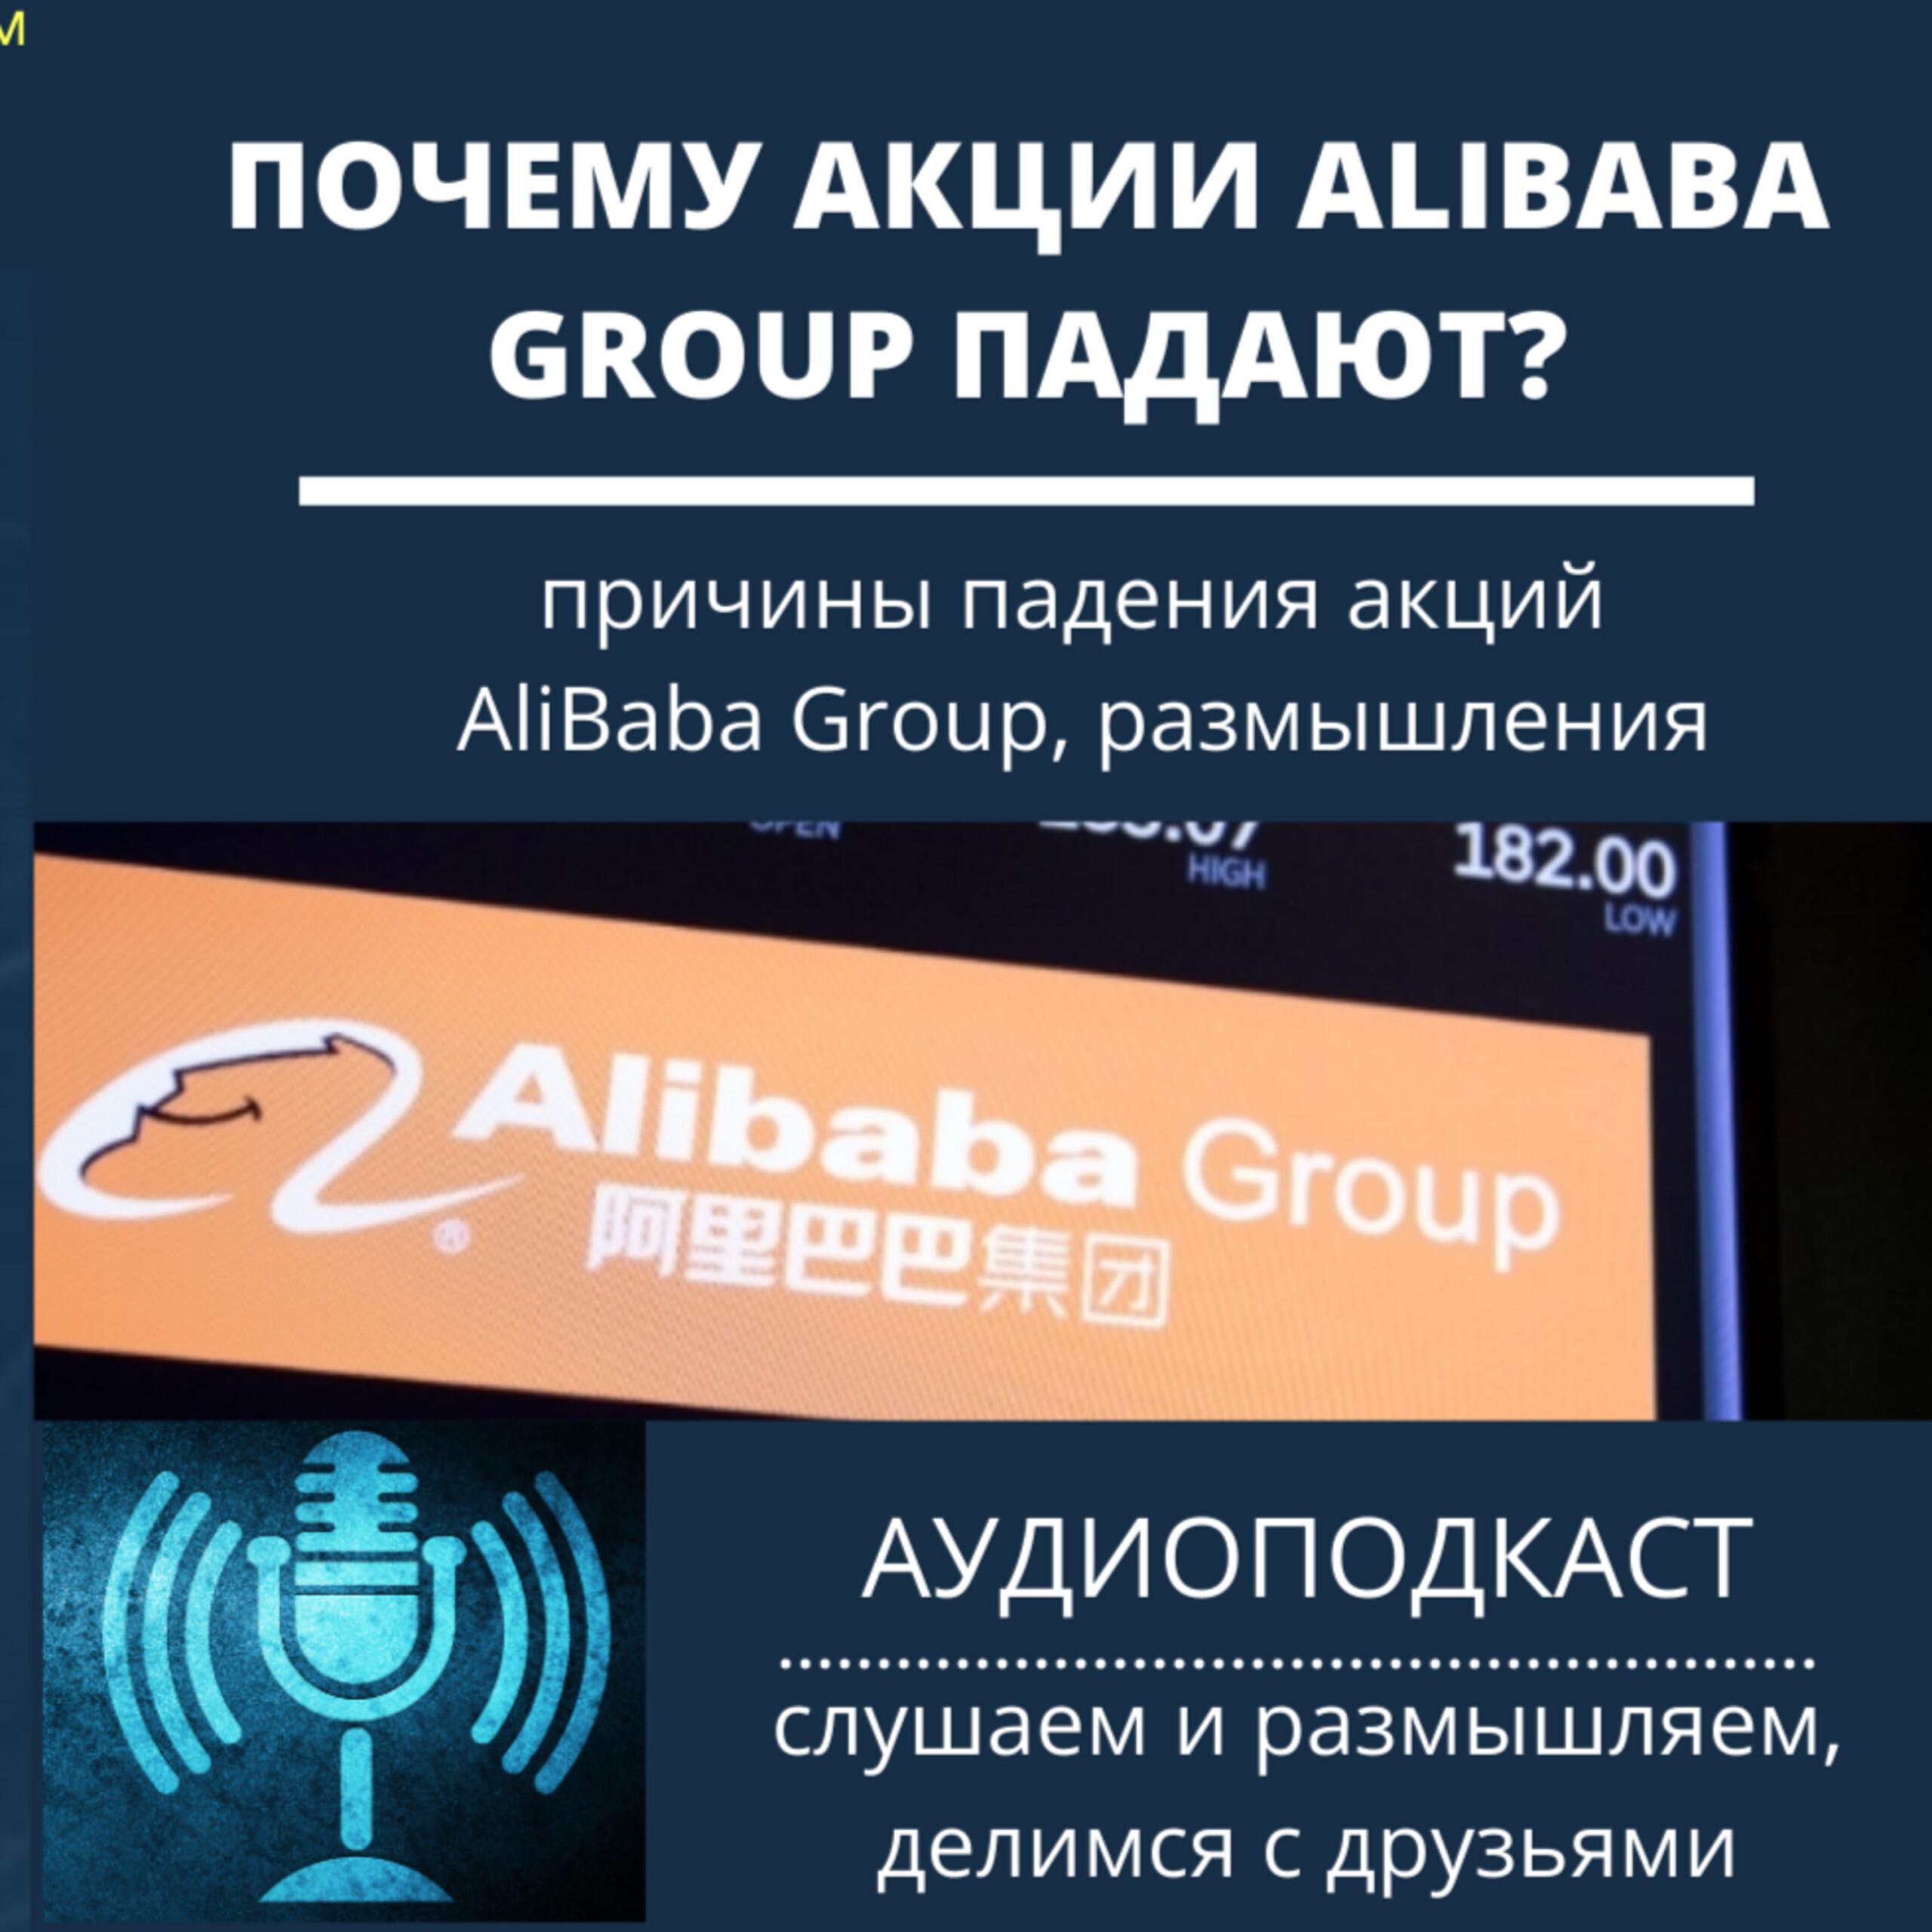 Почему акции Alibaba Group падают?